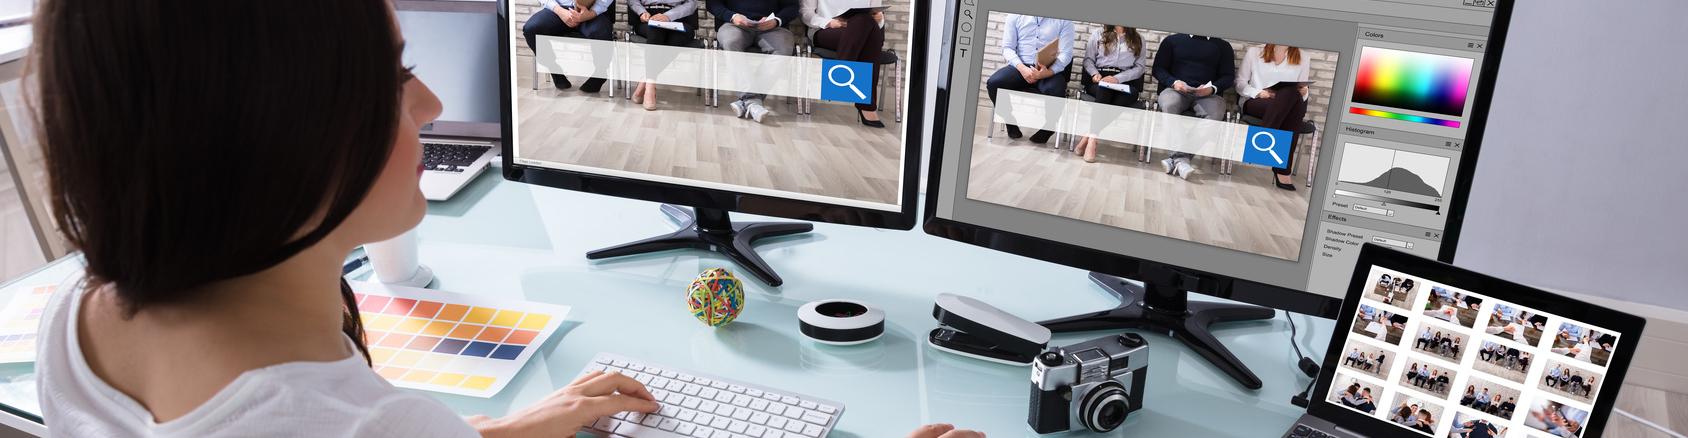 Monitor für Bildbearbeitung